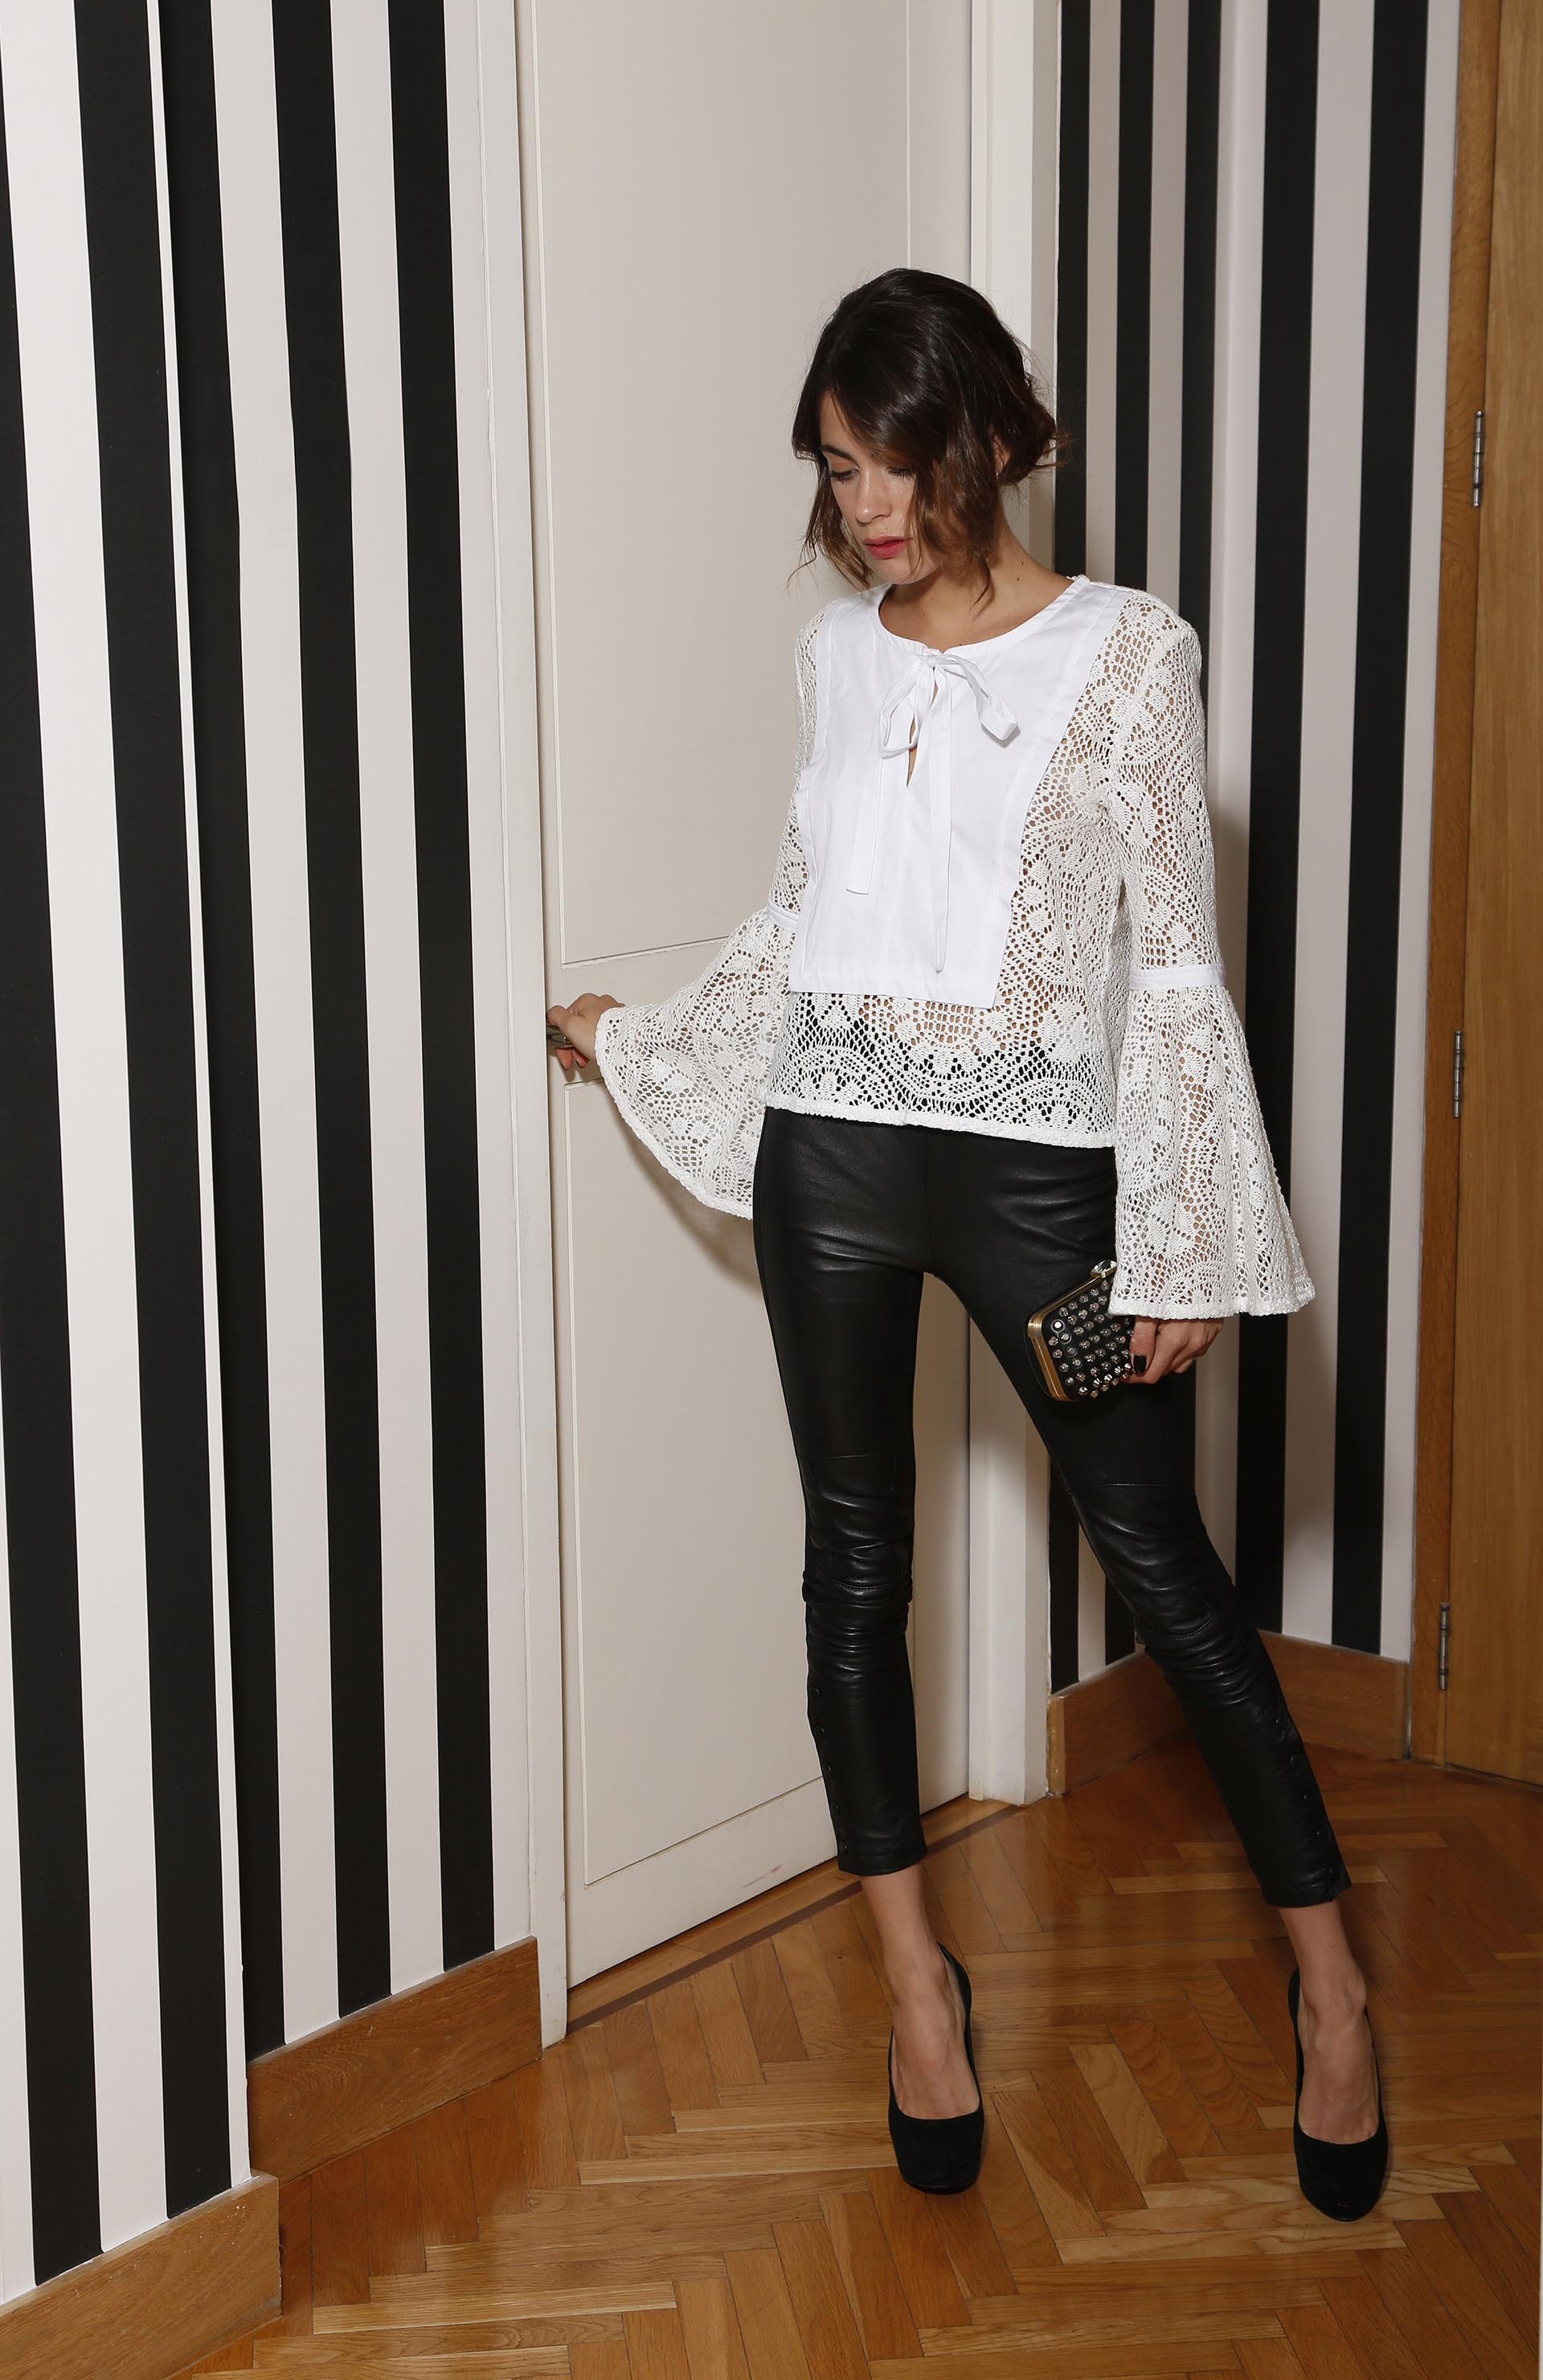 Para la noche: camisola blanca calada estilo boho chic, con leather pants negros, stilettos y clutch con apliques de metal (Santiago Turienzo)